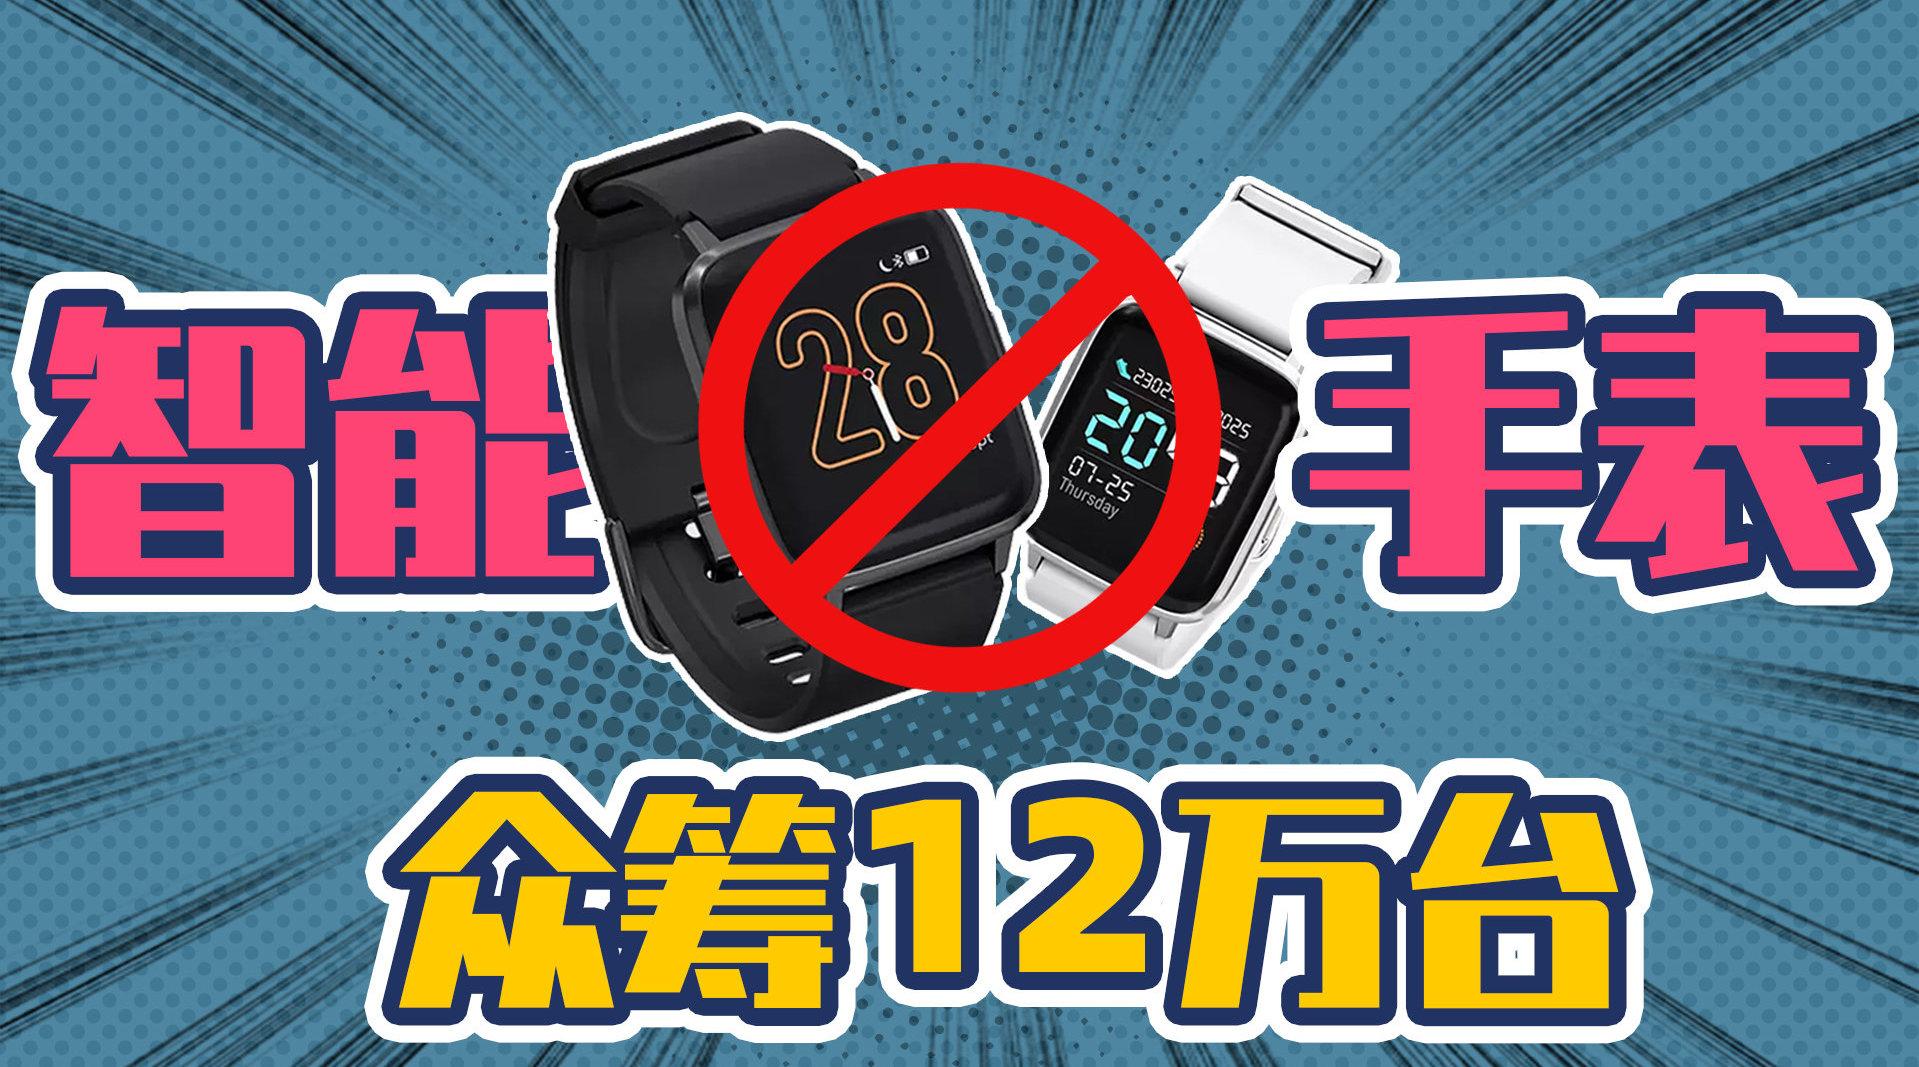 99.9元谁买谁上当,众筹成交1200万的智能手表功能全靠忽悠?